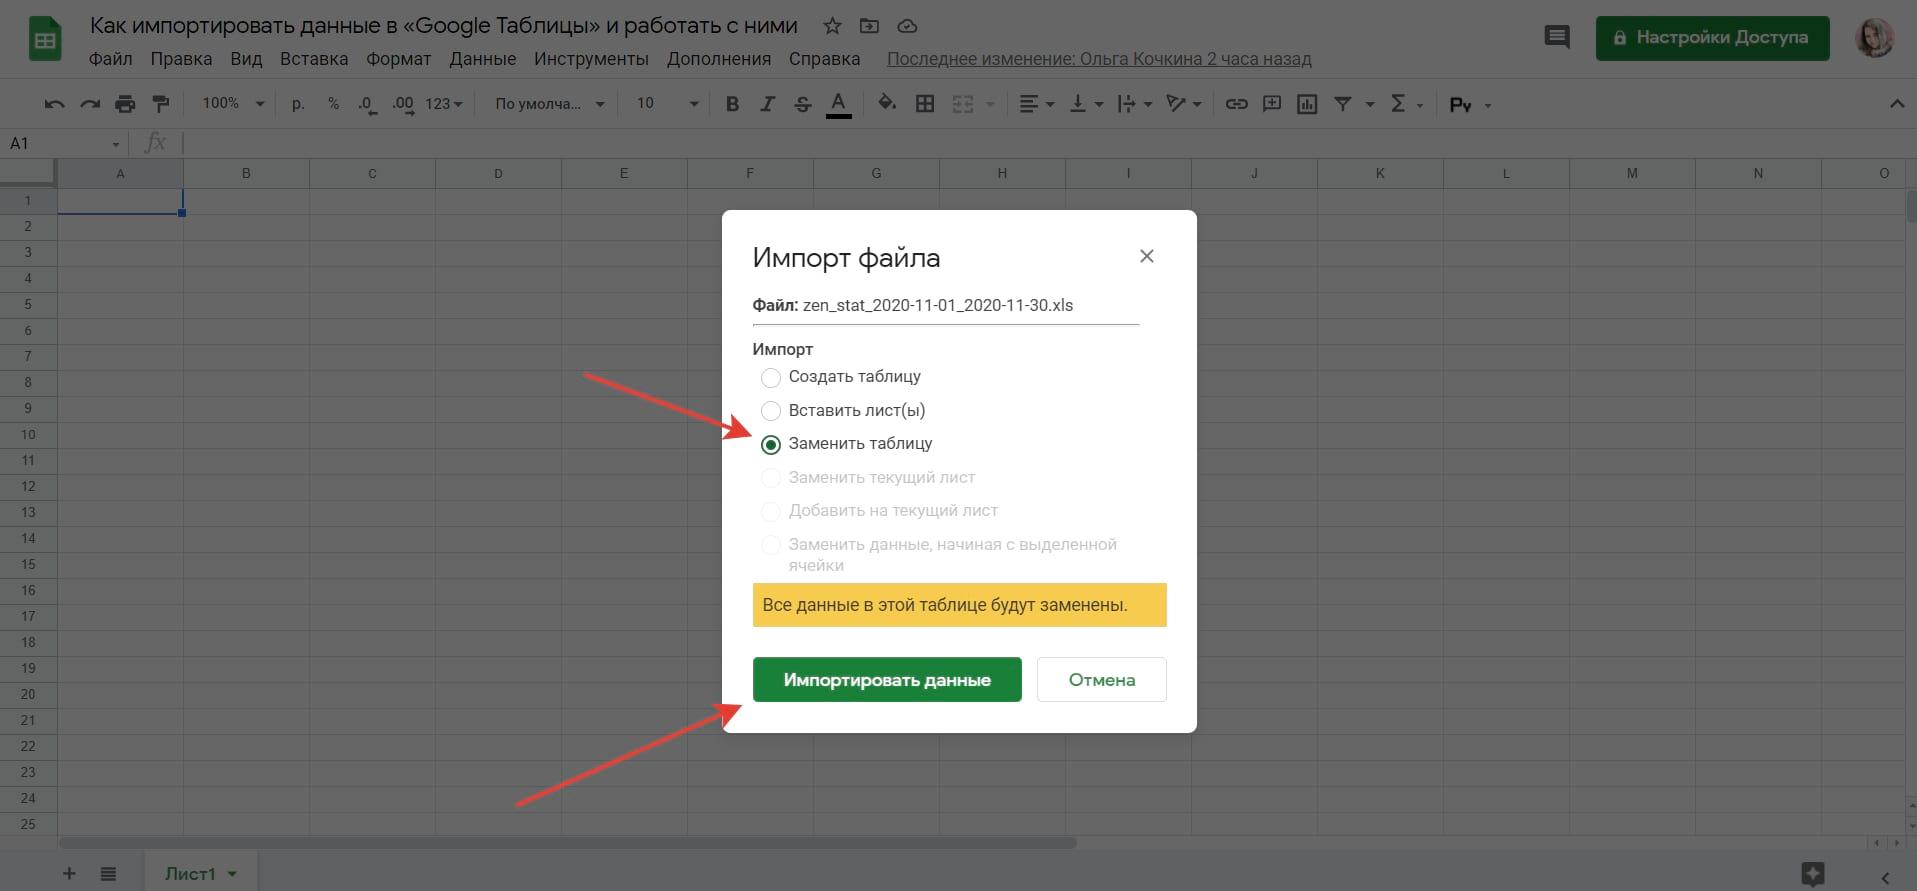 настраиваем параметры импортаЕсли выбрать «Создать таблицу», файл загрузится в виде отдельного документа, который откроется в новой вкладке